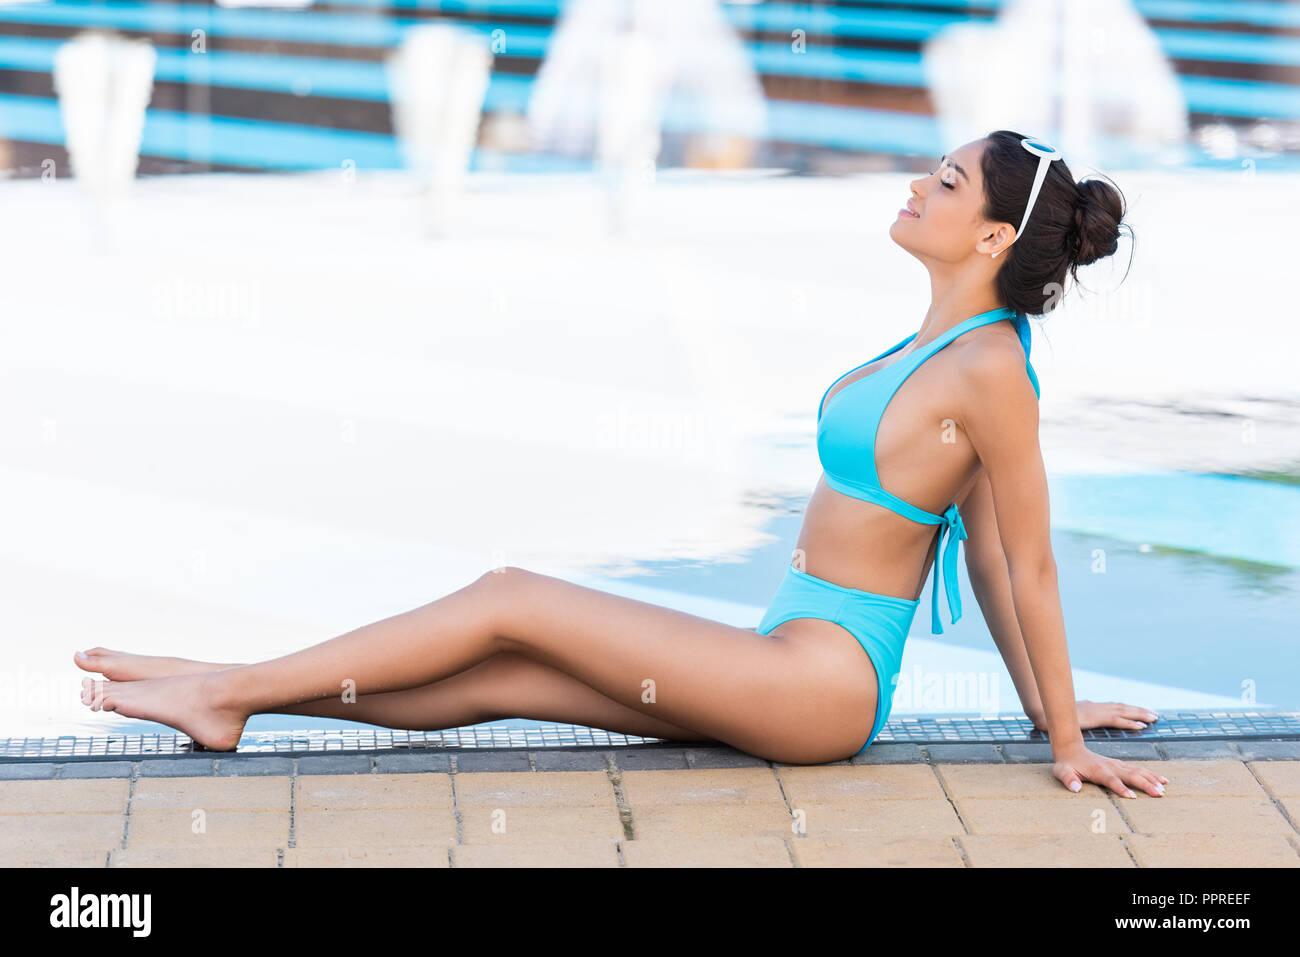 Ragazza abbronzata in bikini blu rilassarsi e prendere il sole a bordo piscina Immagini Stock